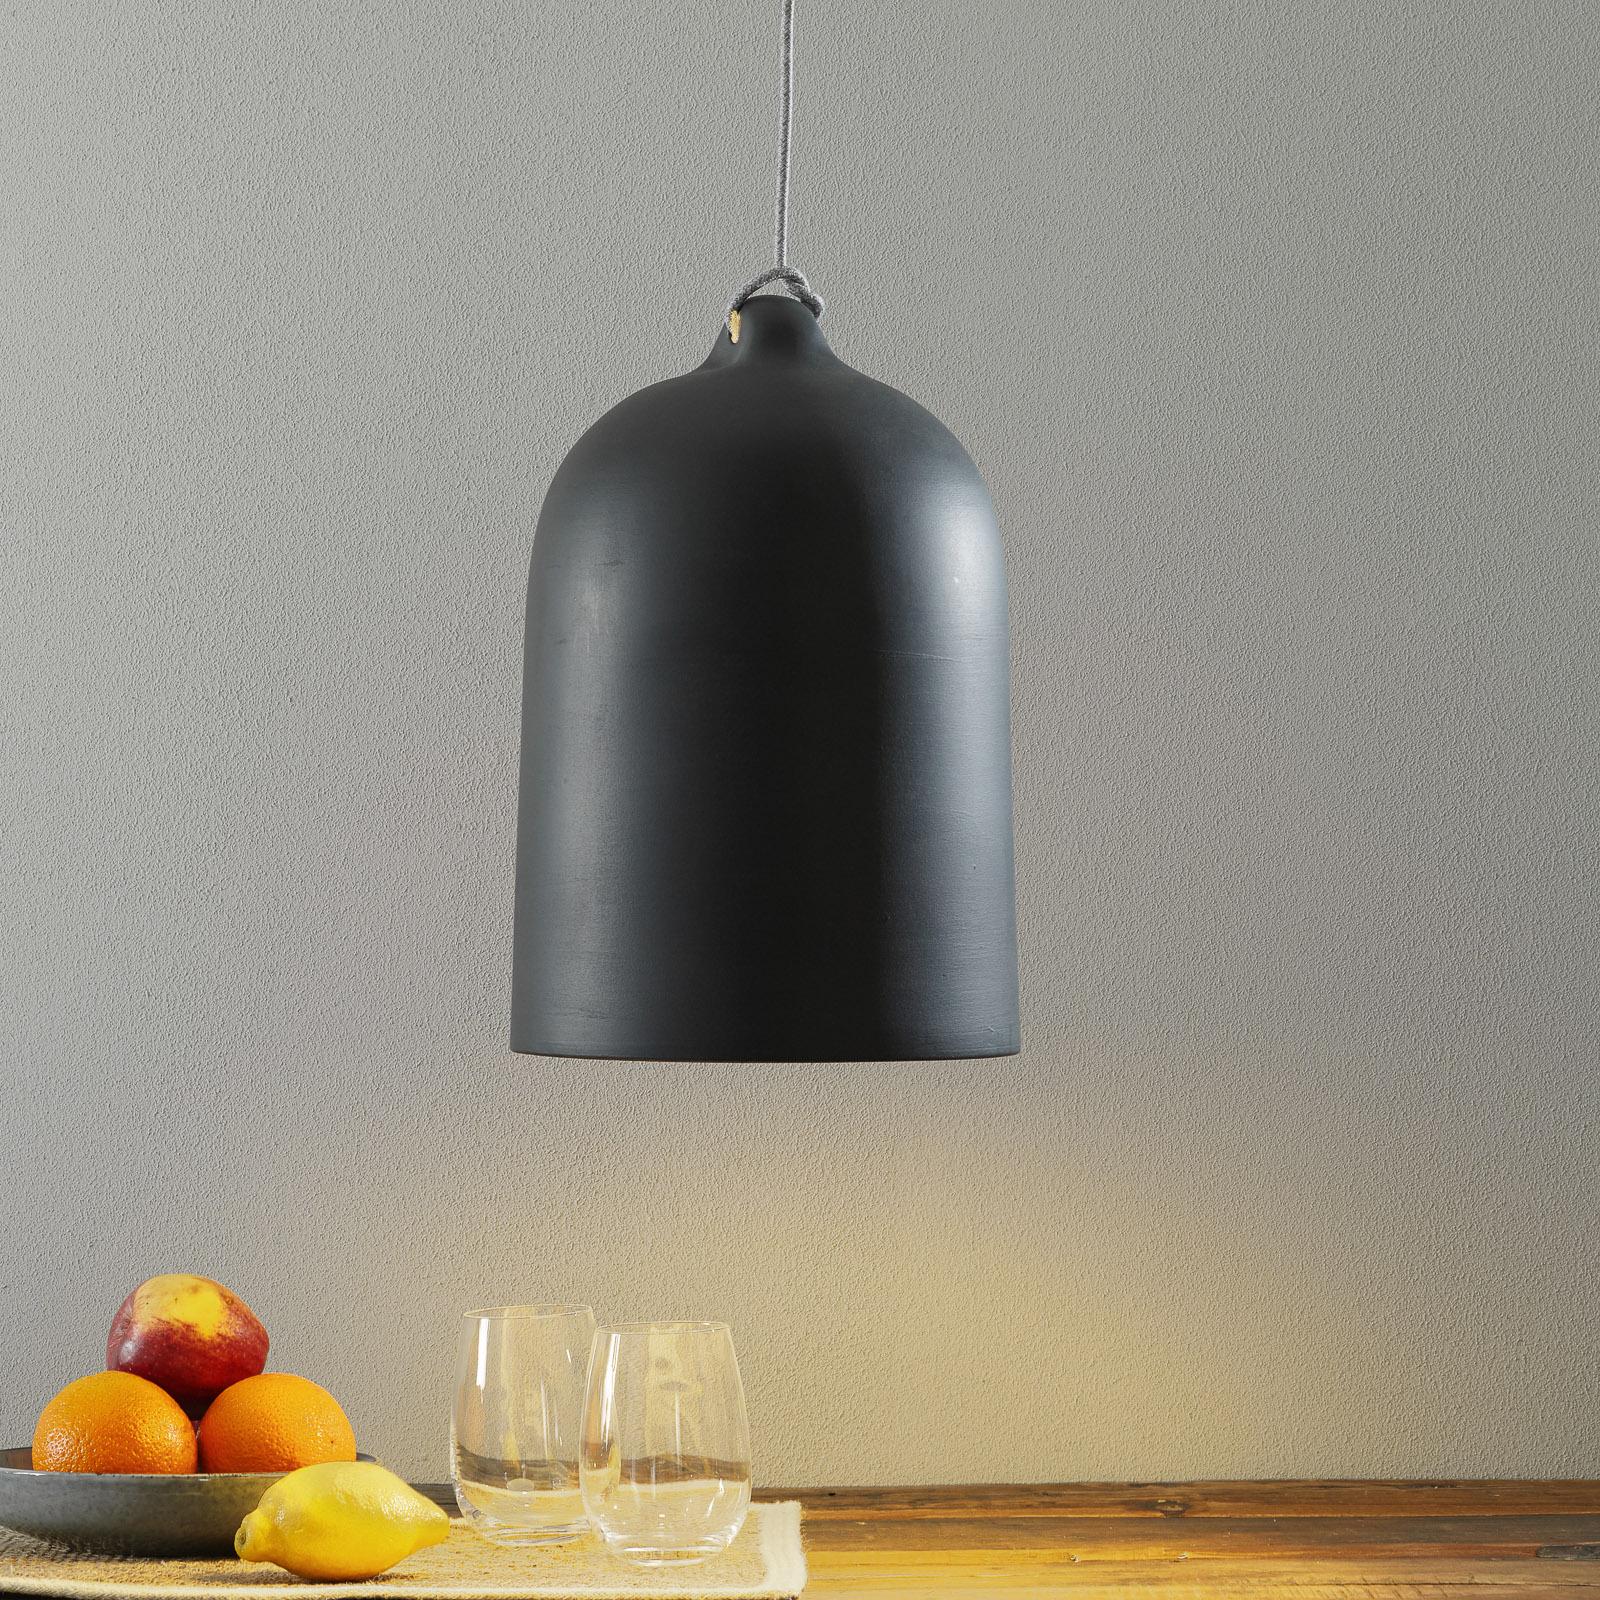 Cottura hængelampe af keramik, skifergrå